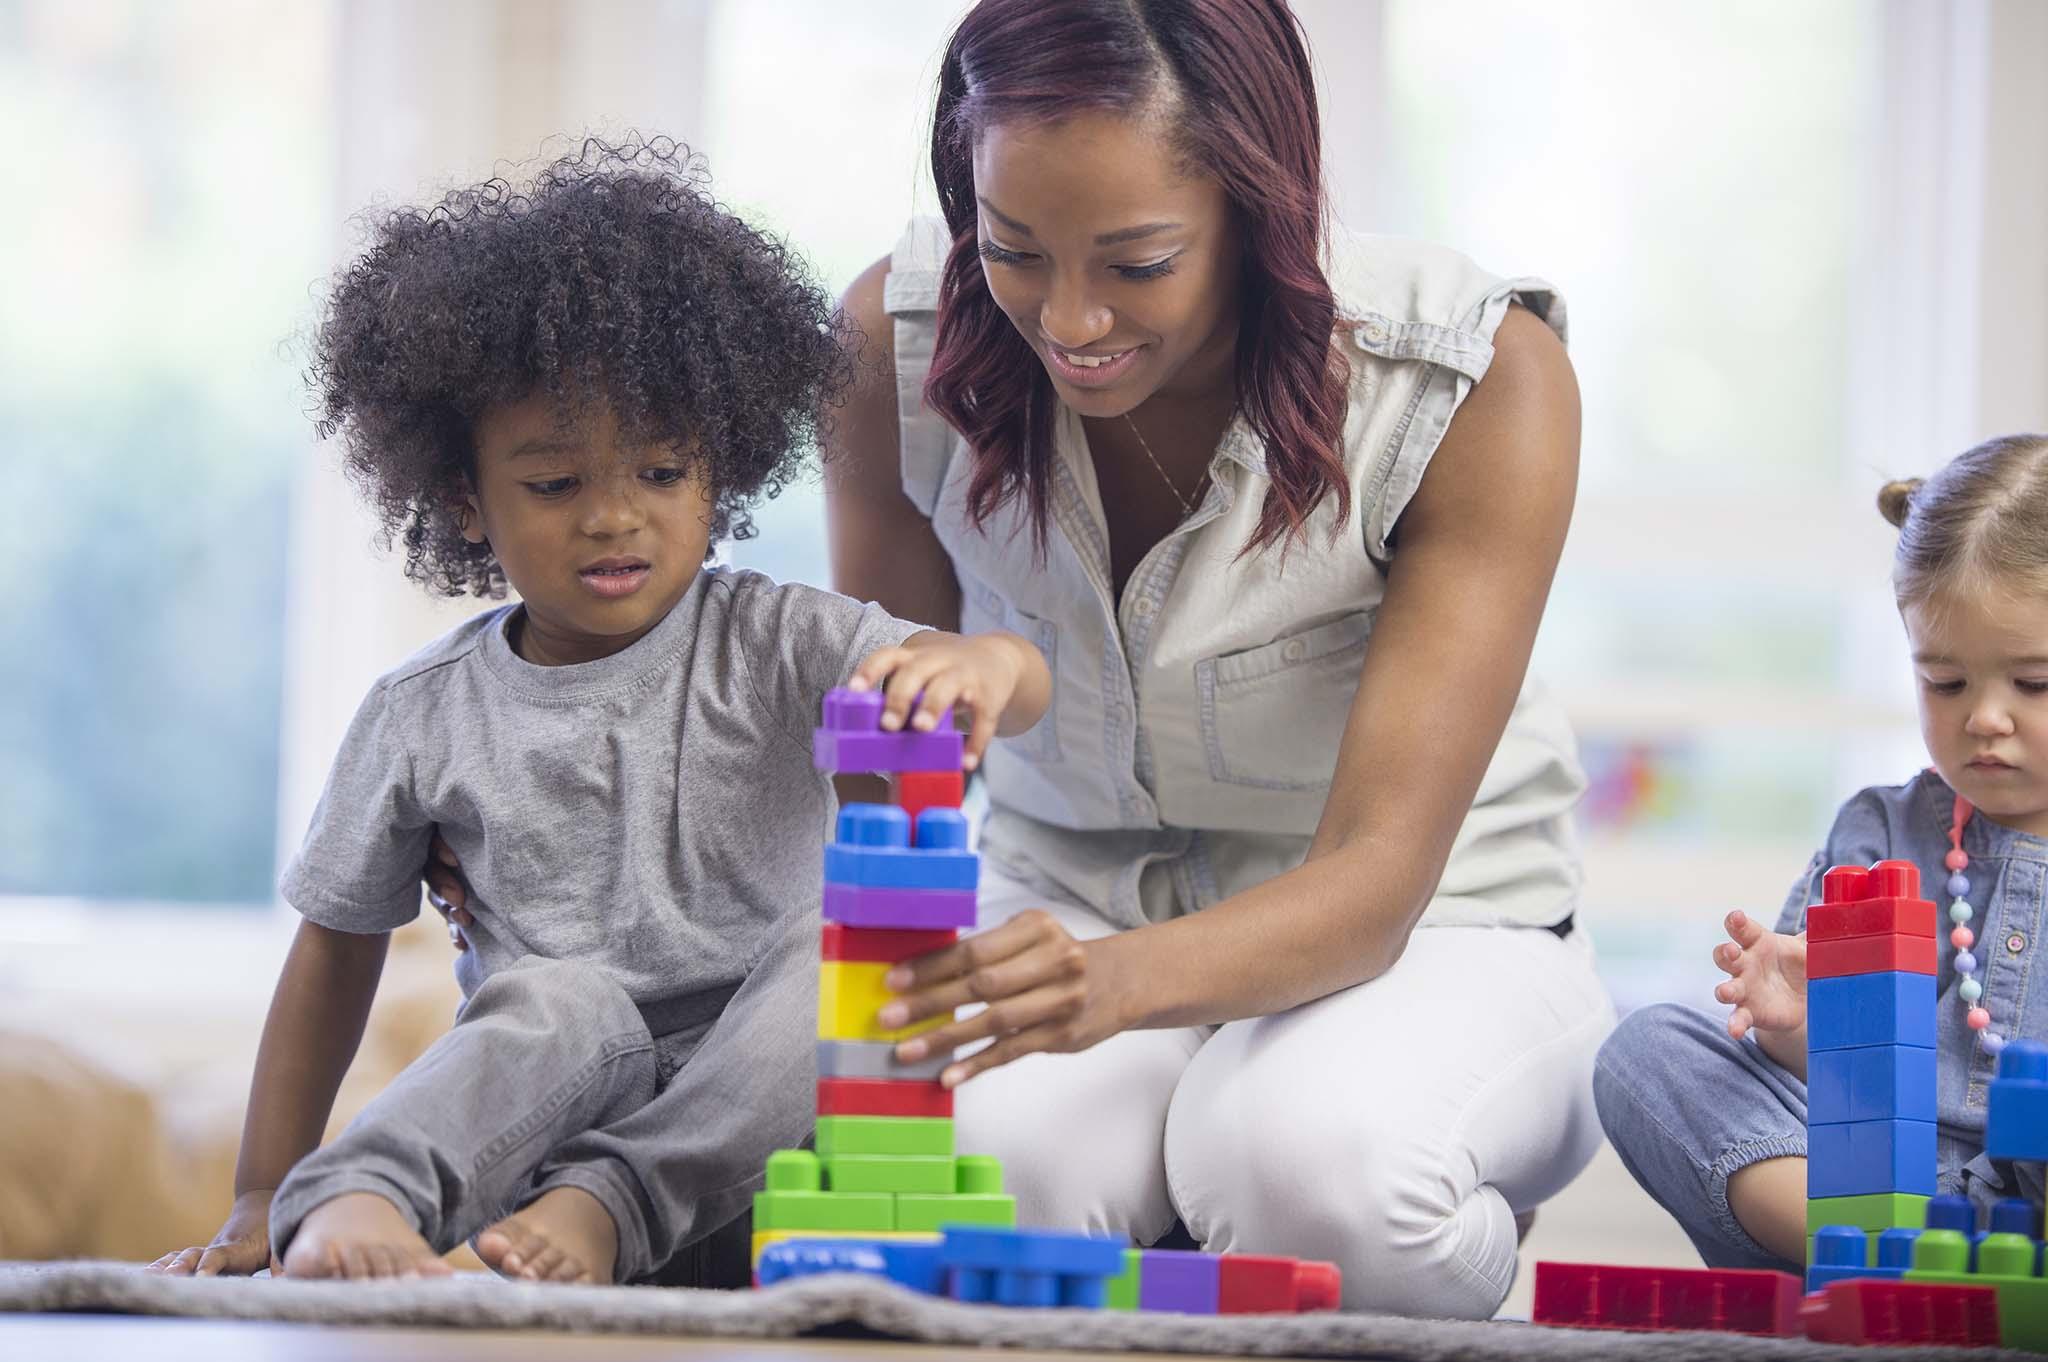 Preschoolers Building Block Towers